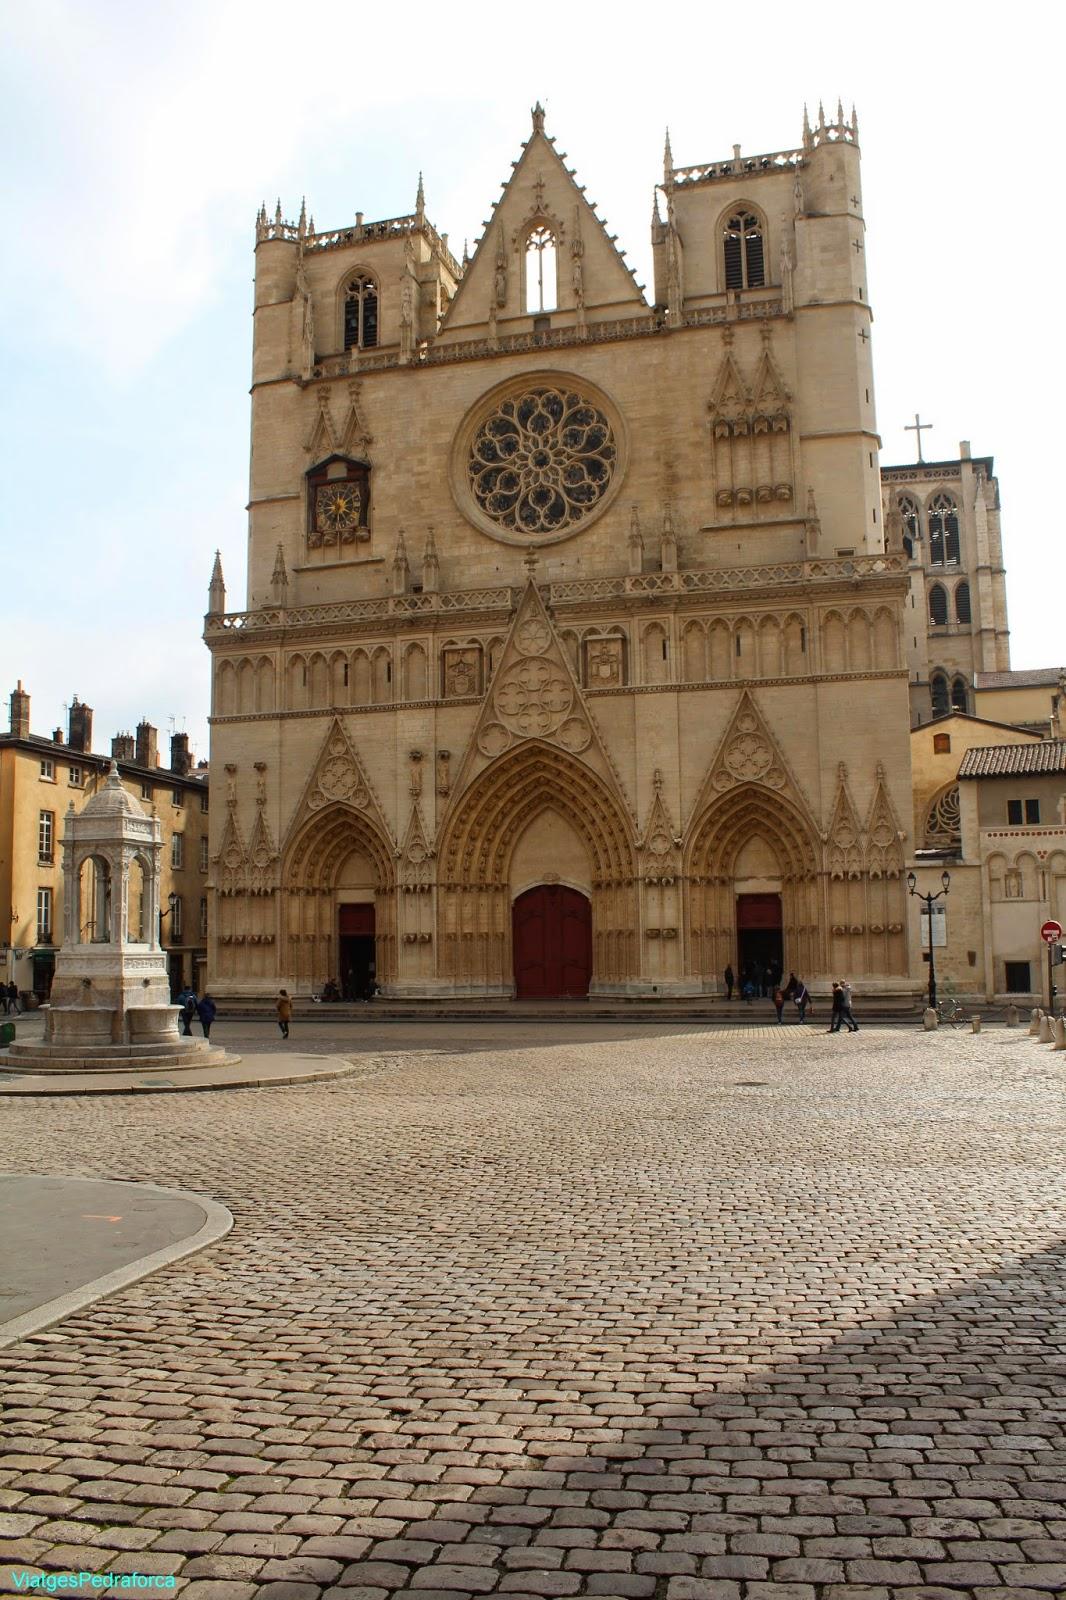 Cathedrale Saint-Jean-Baptiste de Lyon, Vieux Lyon, Unesco World Heritage, Patrimoni de la Humanitat, Catedral gotica, França, France, Rhône-Alpes